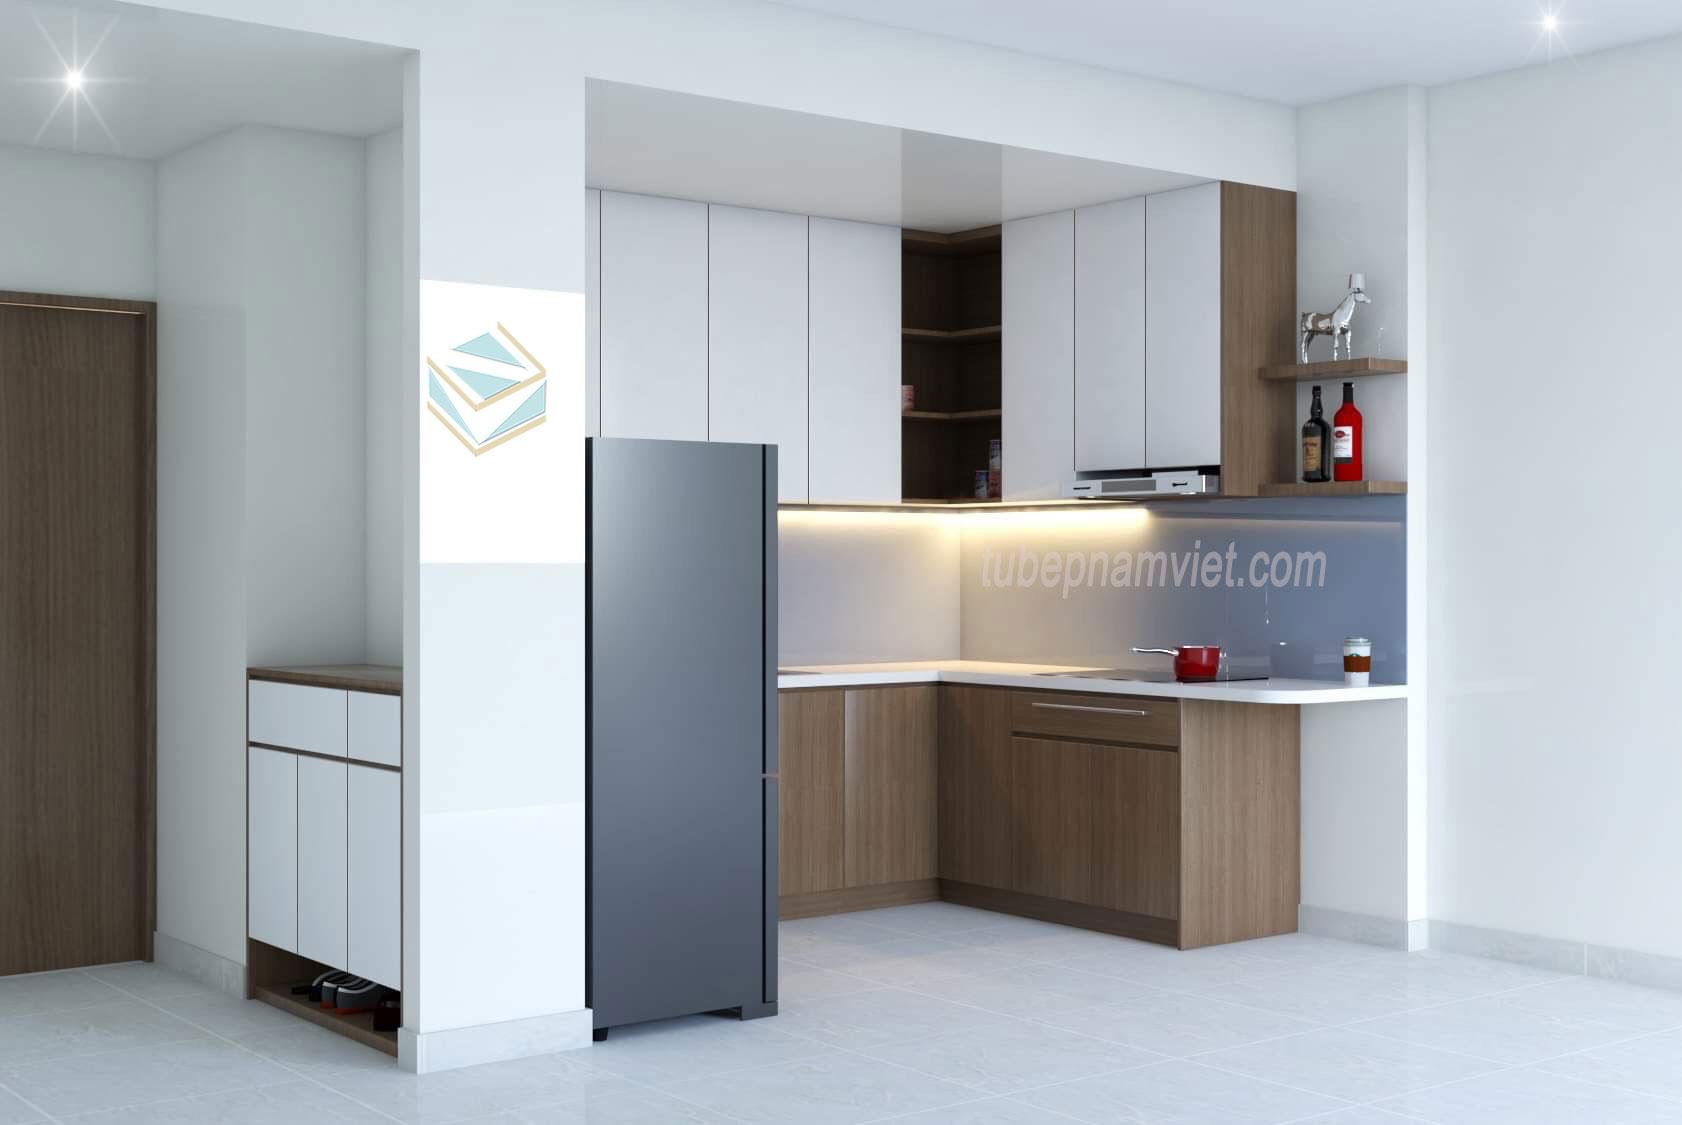 mẫu tủ bếp gỗ công nghiệp căn hộ chung cư